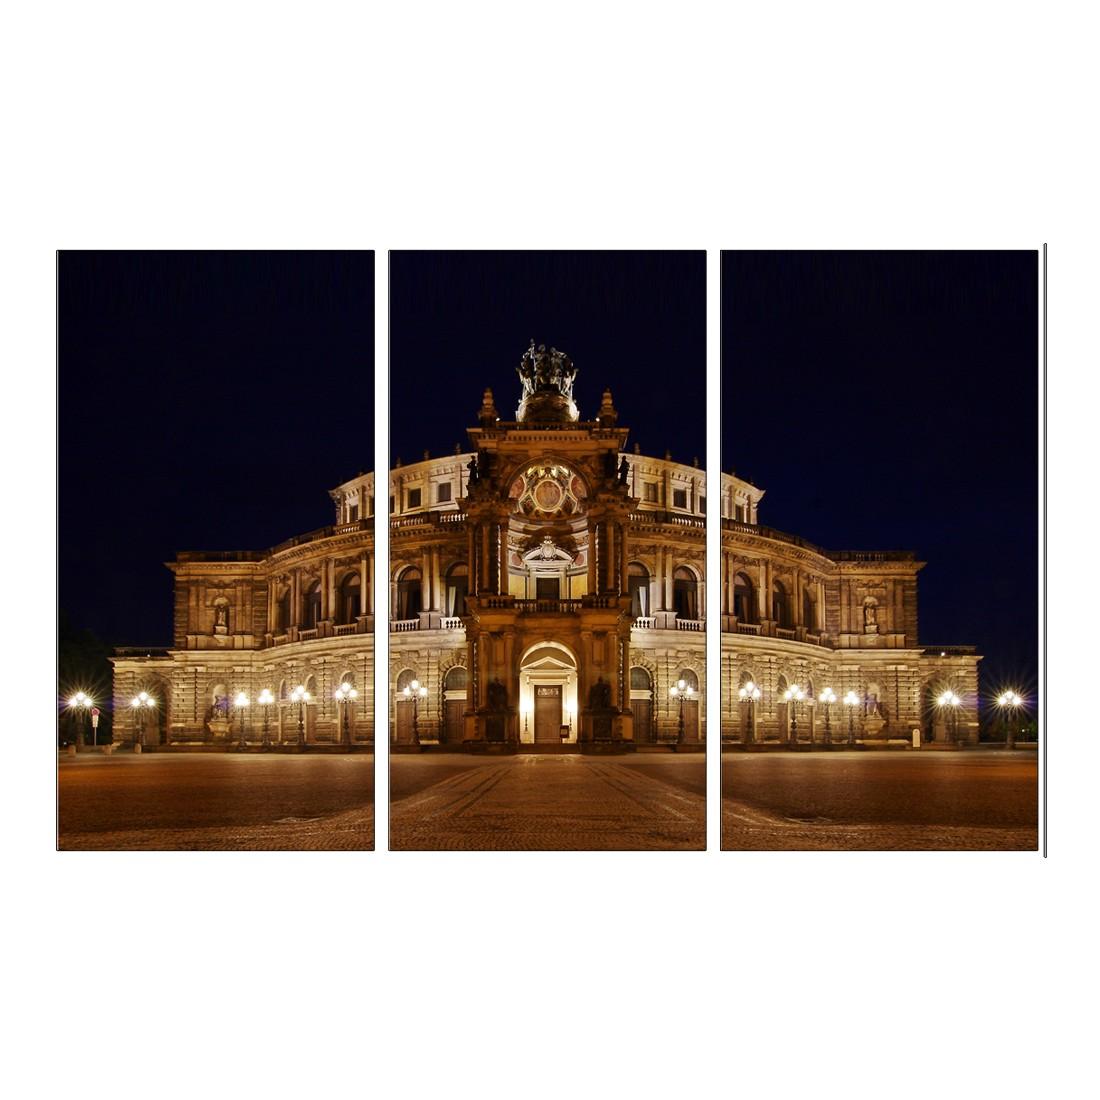 Leinwandbild Oper Dresden – 120 x 80cm, Gallery of Innovative Art online bestellen